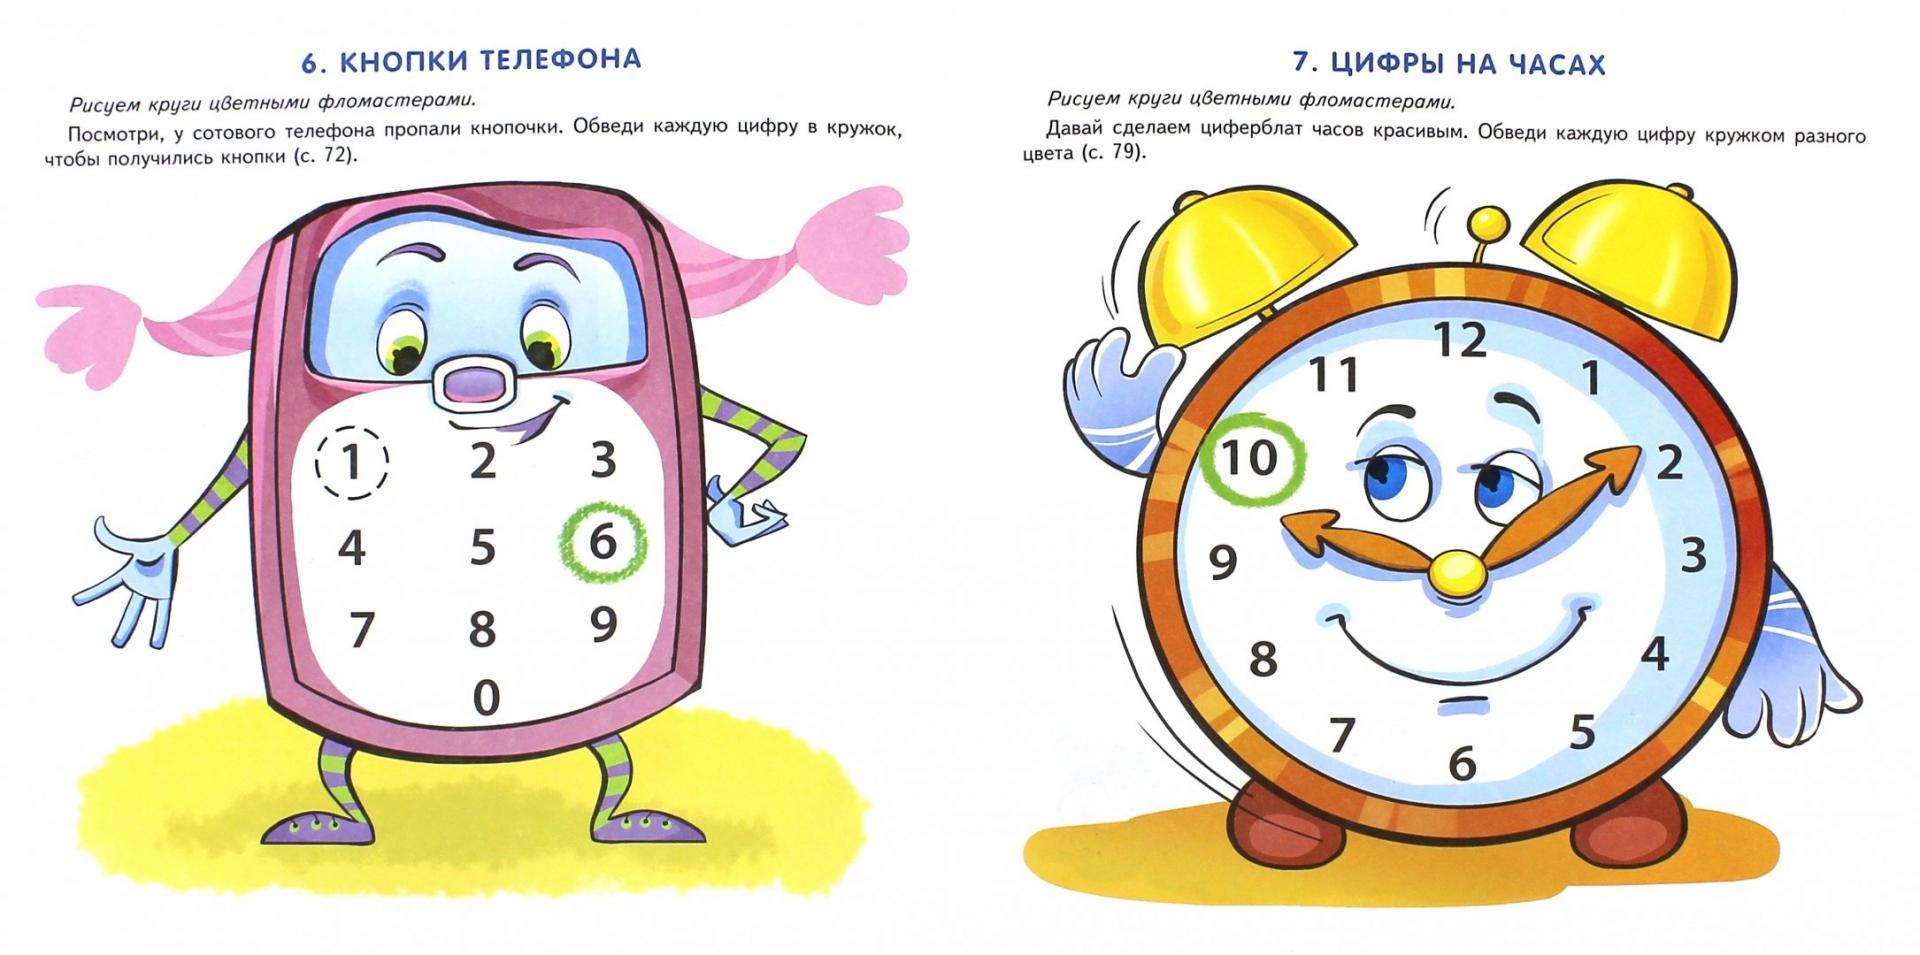 Иллюстрация 1 из 16 для Игровое рисование для детей 2-3 лет. Альбом 3 - Дарья Колдина | Лабиринт - книги. Источник: Лабиринт